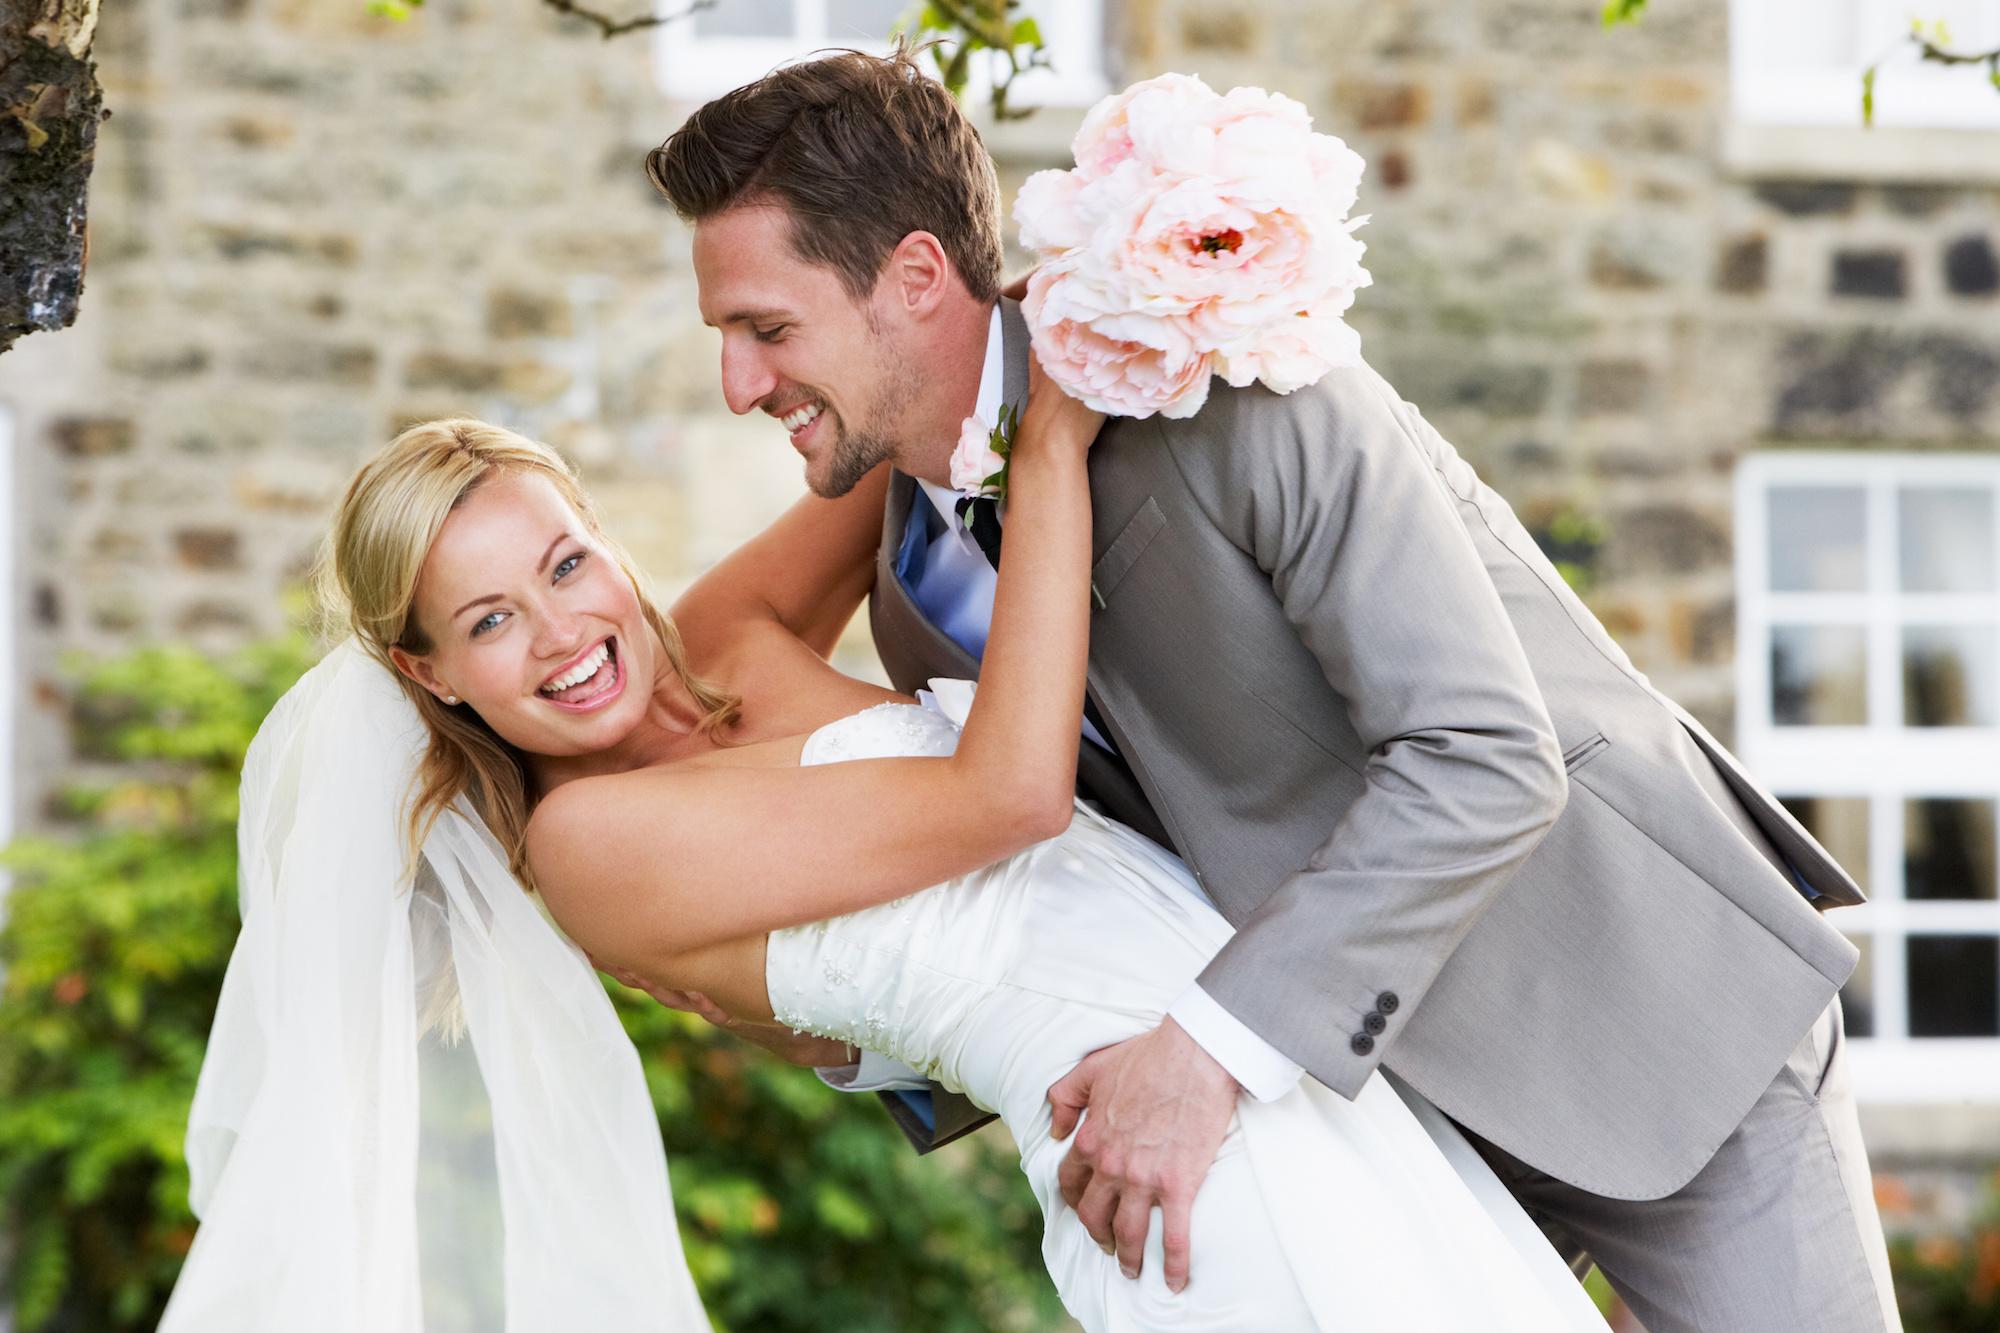 Maak je eigen huwelijkskrant - Happiedays